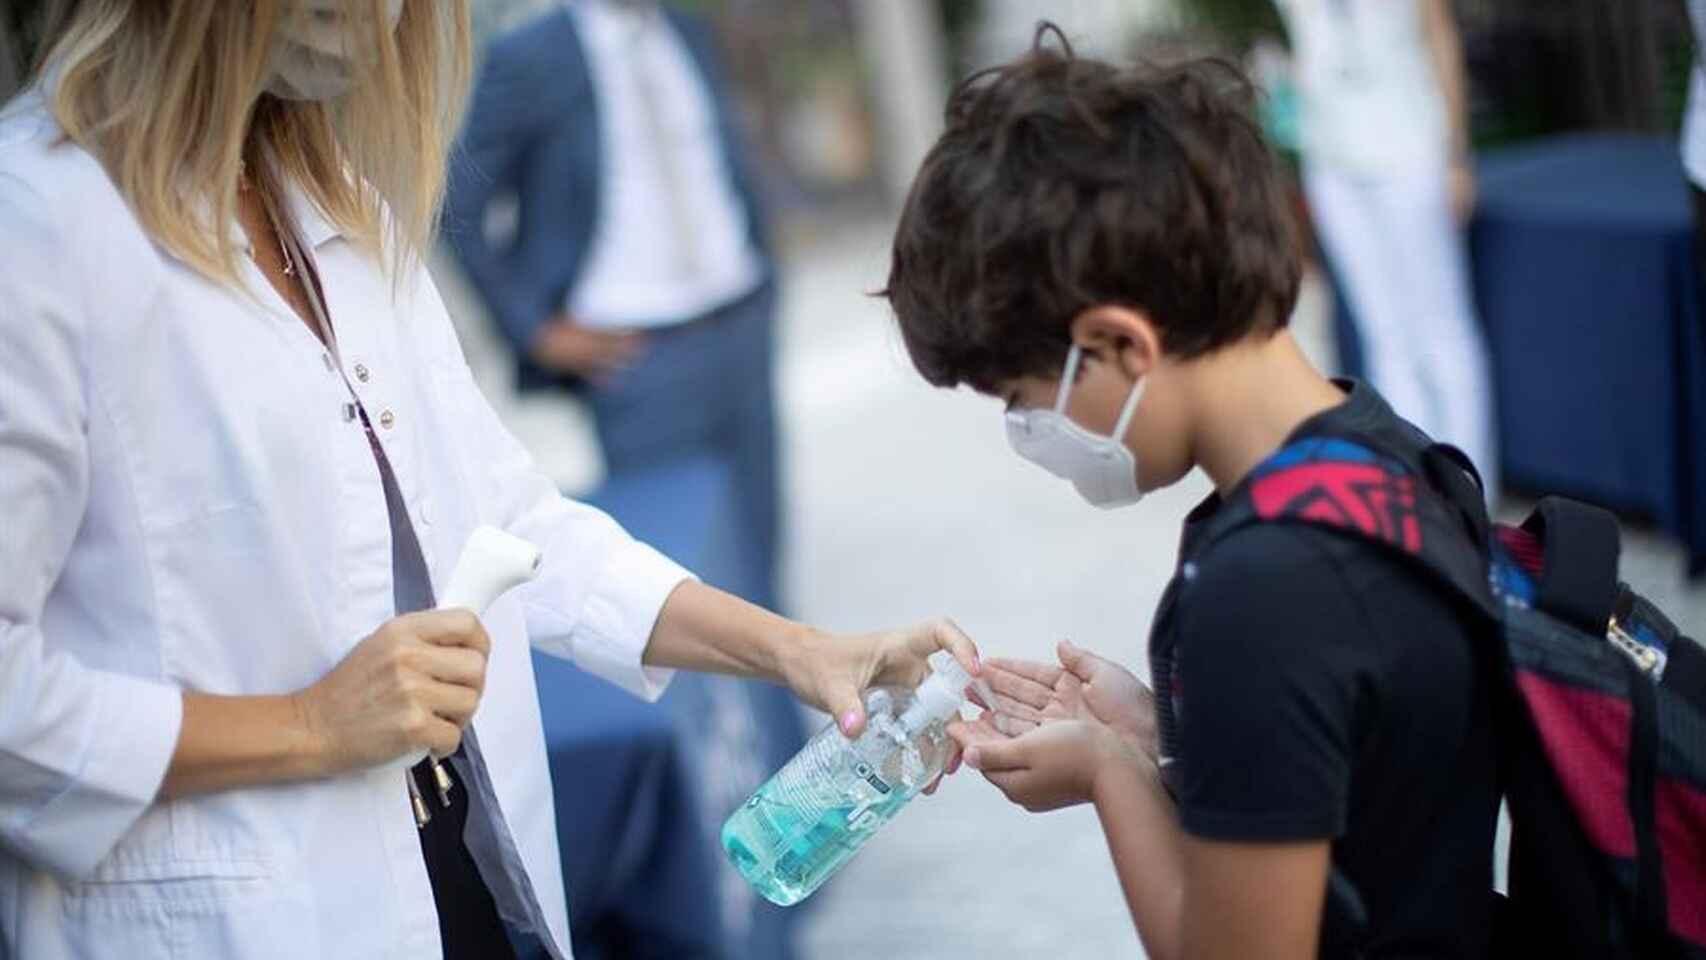 Cómo se contempla la vuelta a la escuela durante la pandemia de la COVID-19